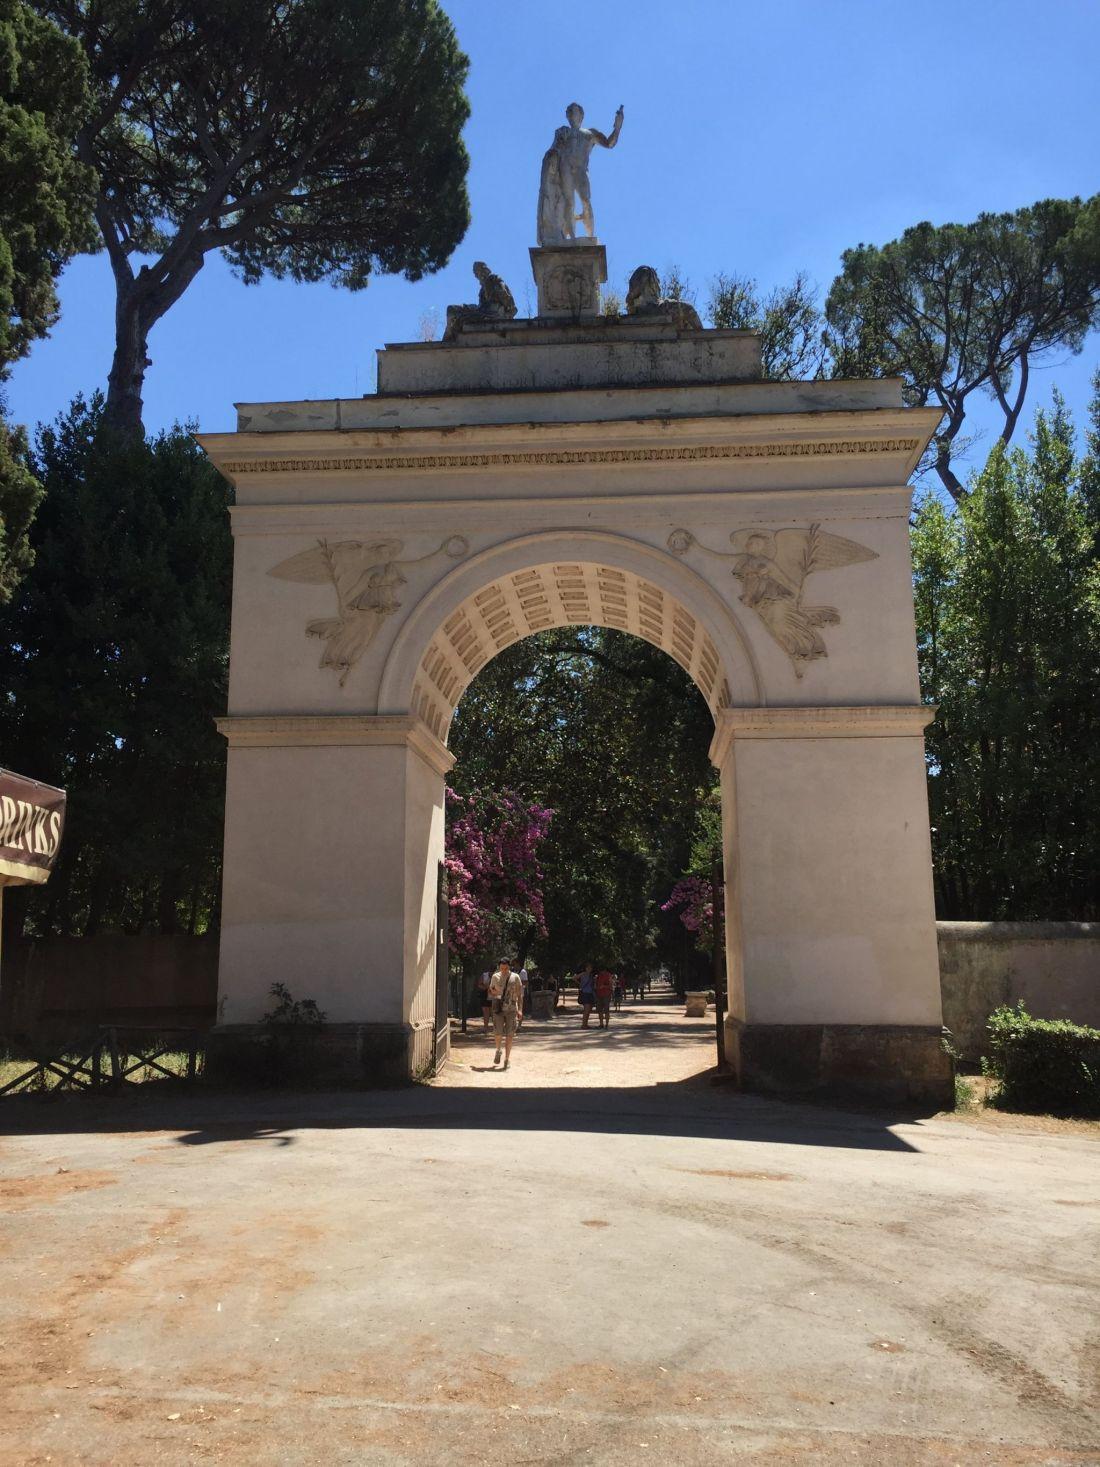 Entrance to Villa Borghese Gardens, Rome